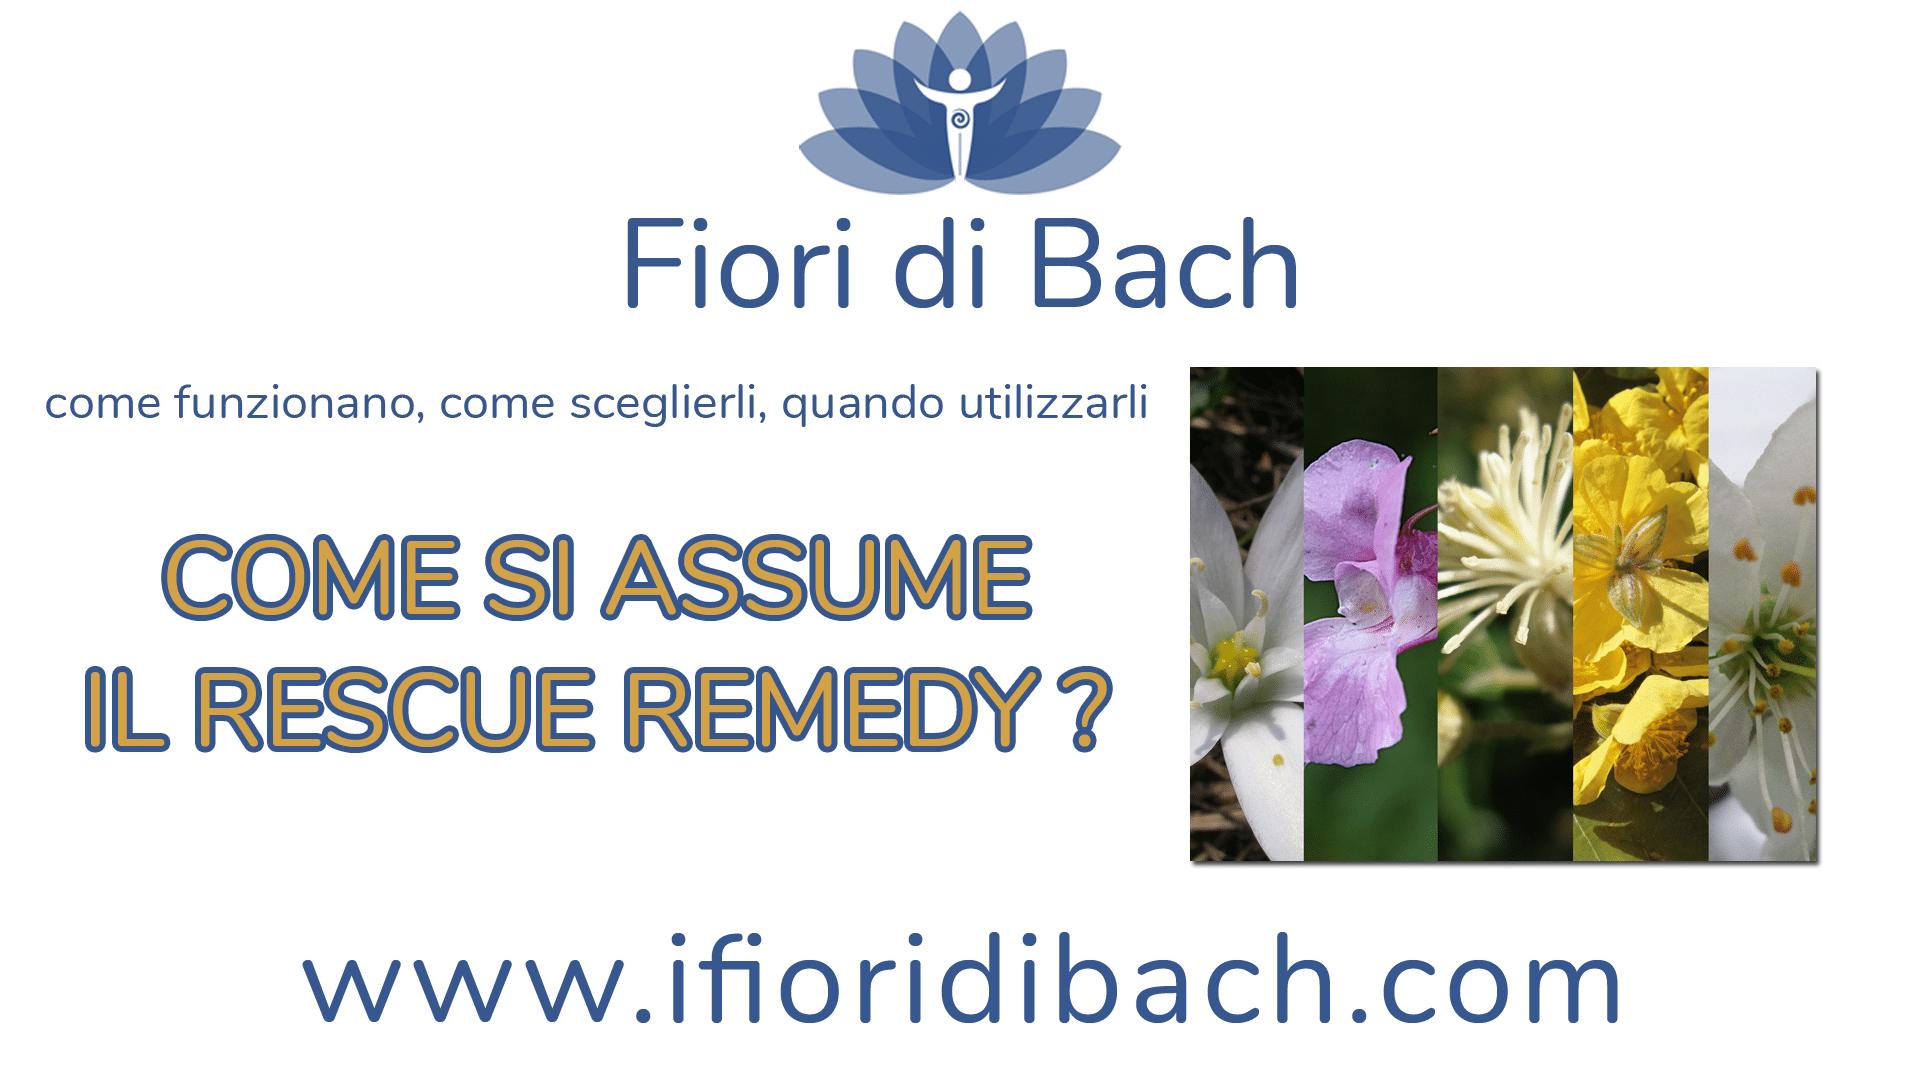 Fiori di Bach - come assumere il Rescue Remedy